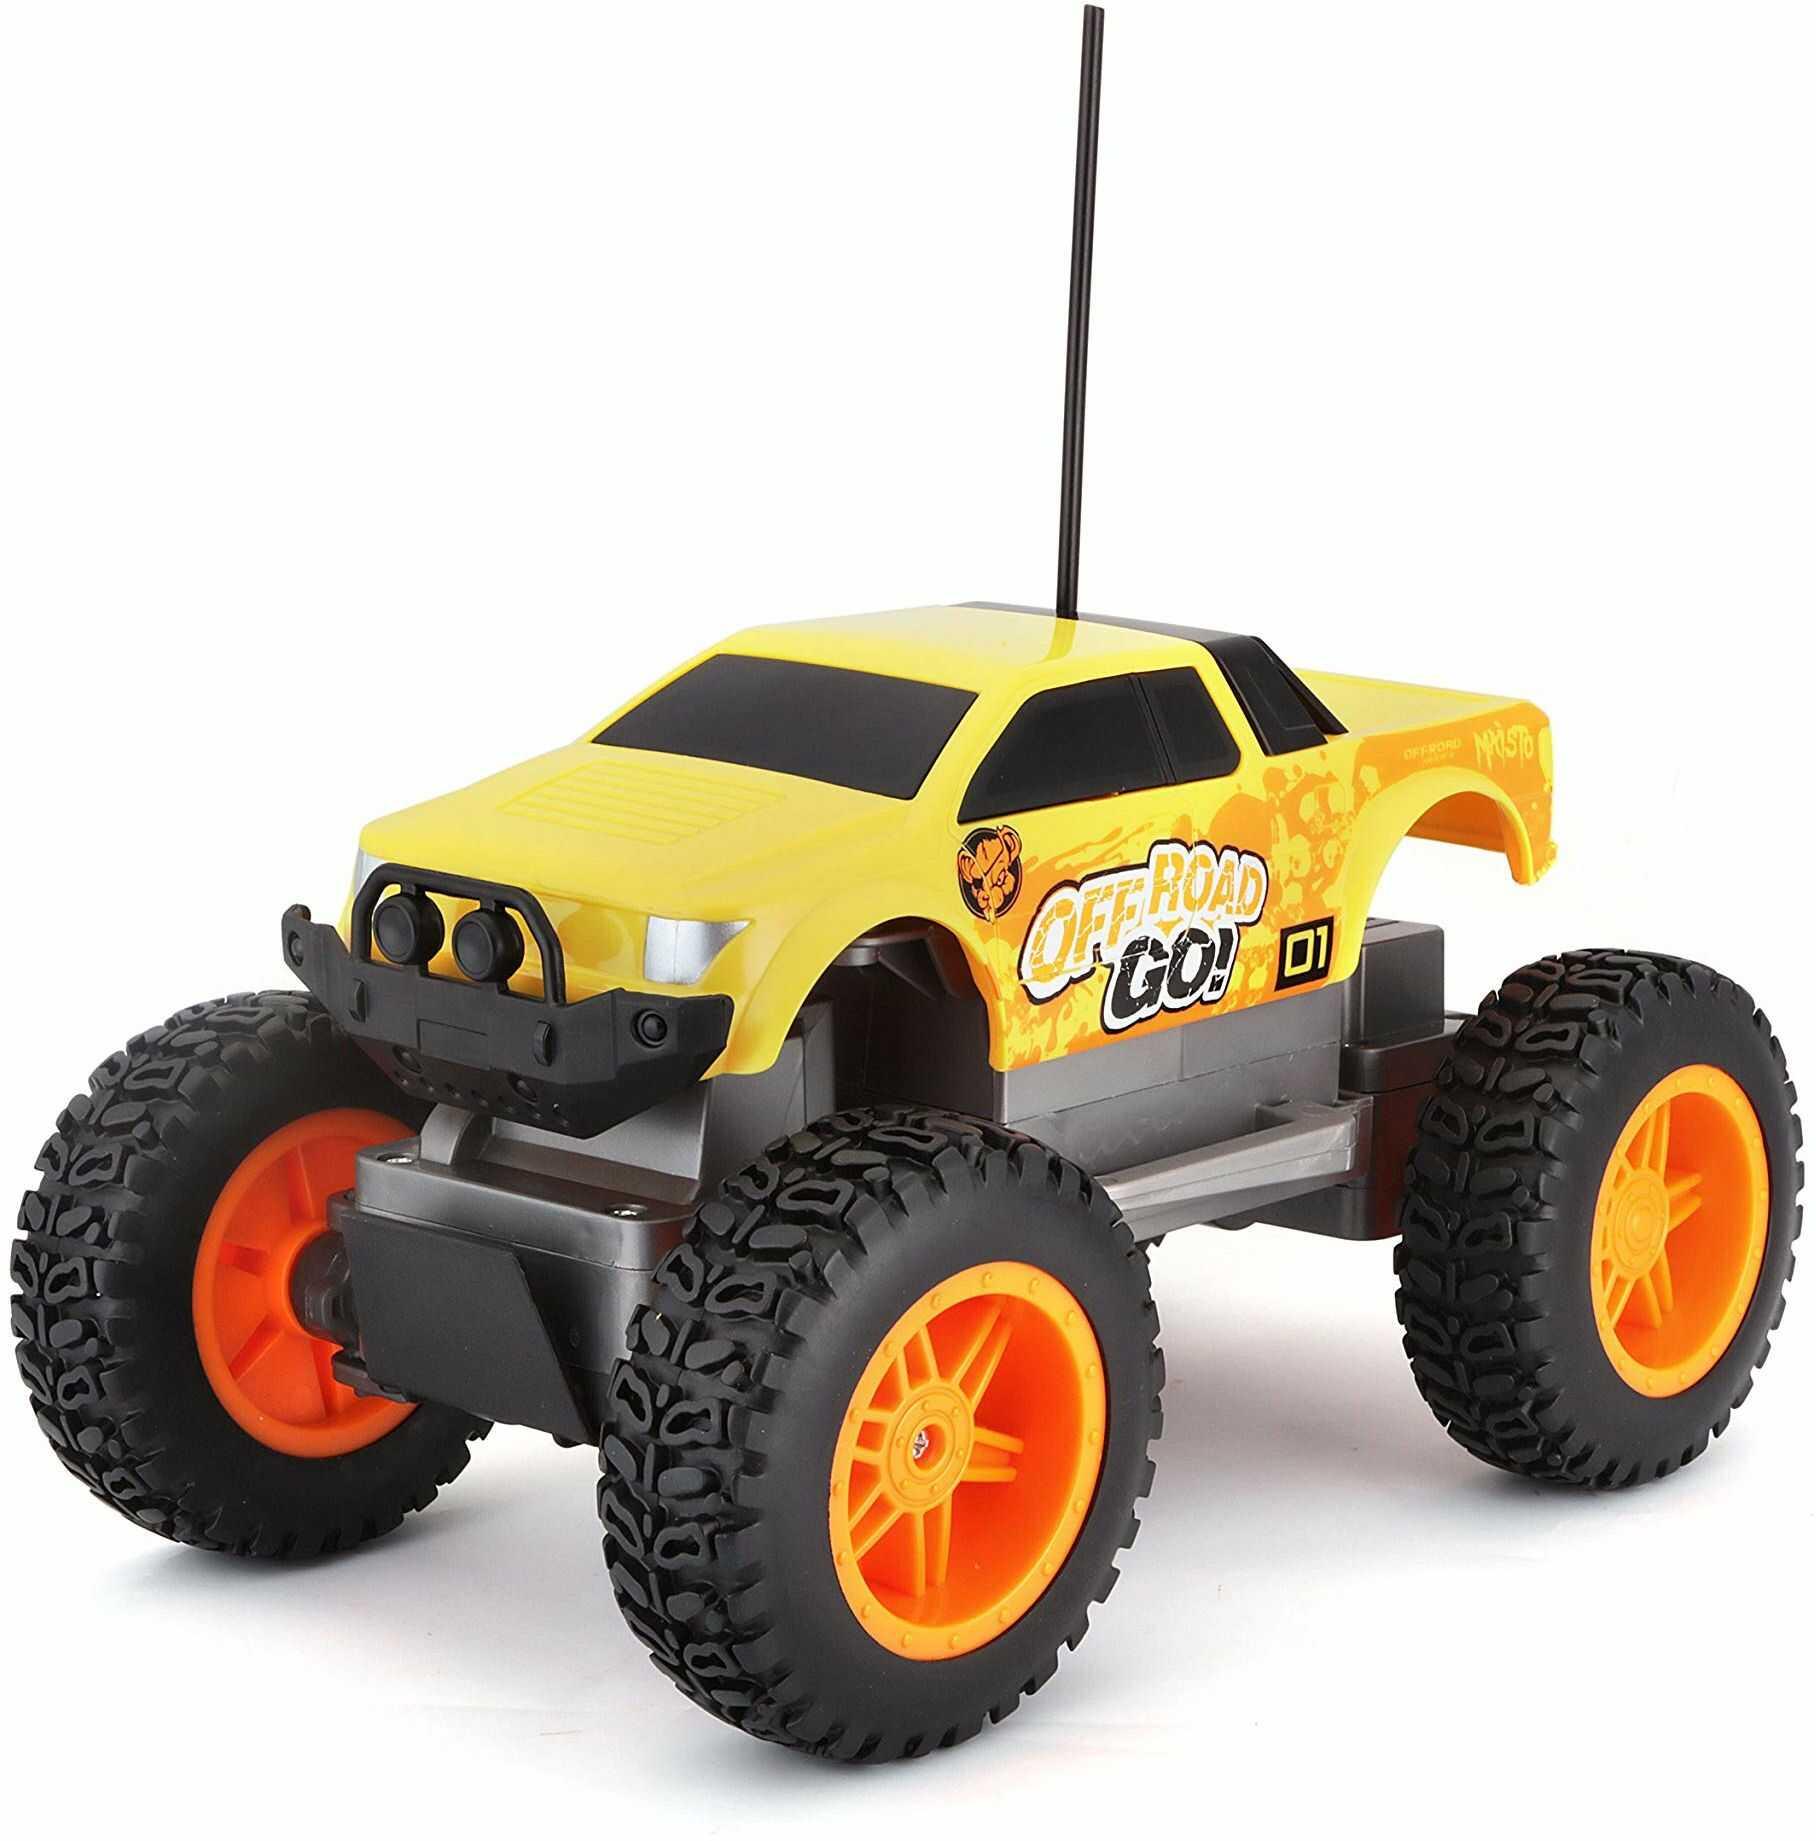 Maisto Tech R/C Off Road Go RTR: zdalnie sterowany samochód w wersji Monstertruck, od 5 lat, z pilotem zdalnego sterowania i bateriami, 21 cm, żółto-pomarańczowy (581762)